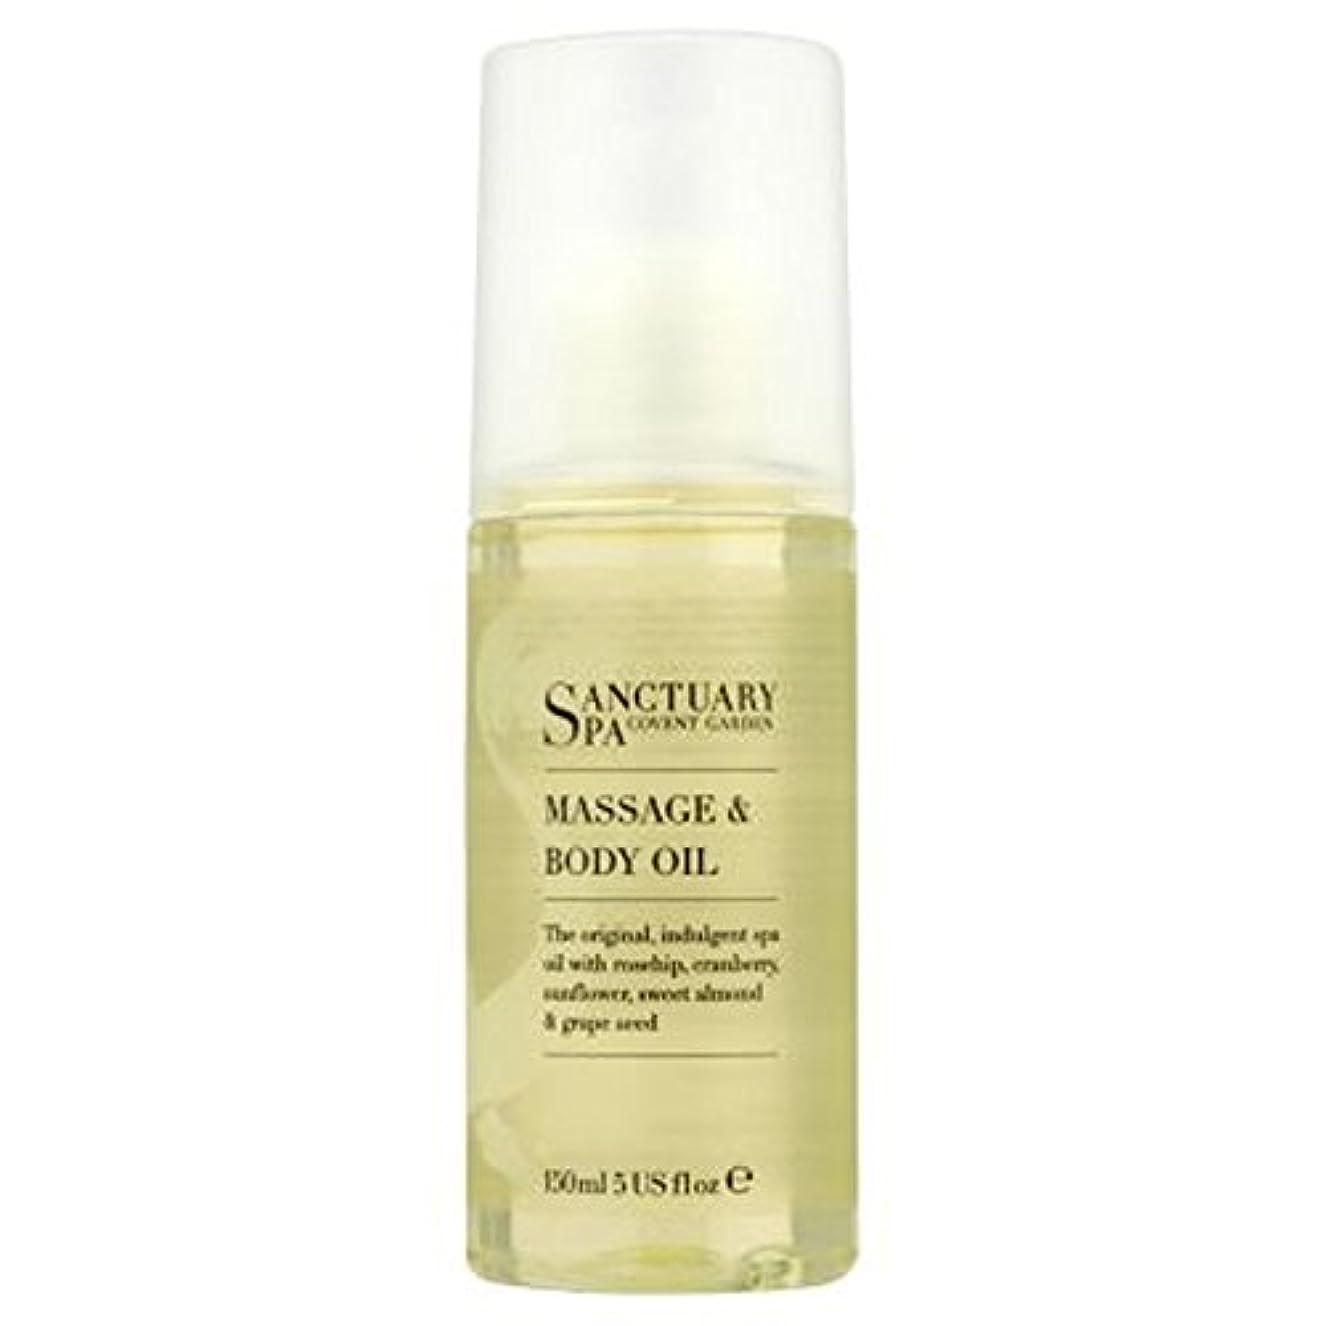 補正配管観光Sanctuary Daily Spa Escape Massage and Body Oil - 150ml - 聖域毎日のスパエスケープマッサージやボディオイル - 150ミリリットル (Sanctuary) [並行輸入品]